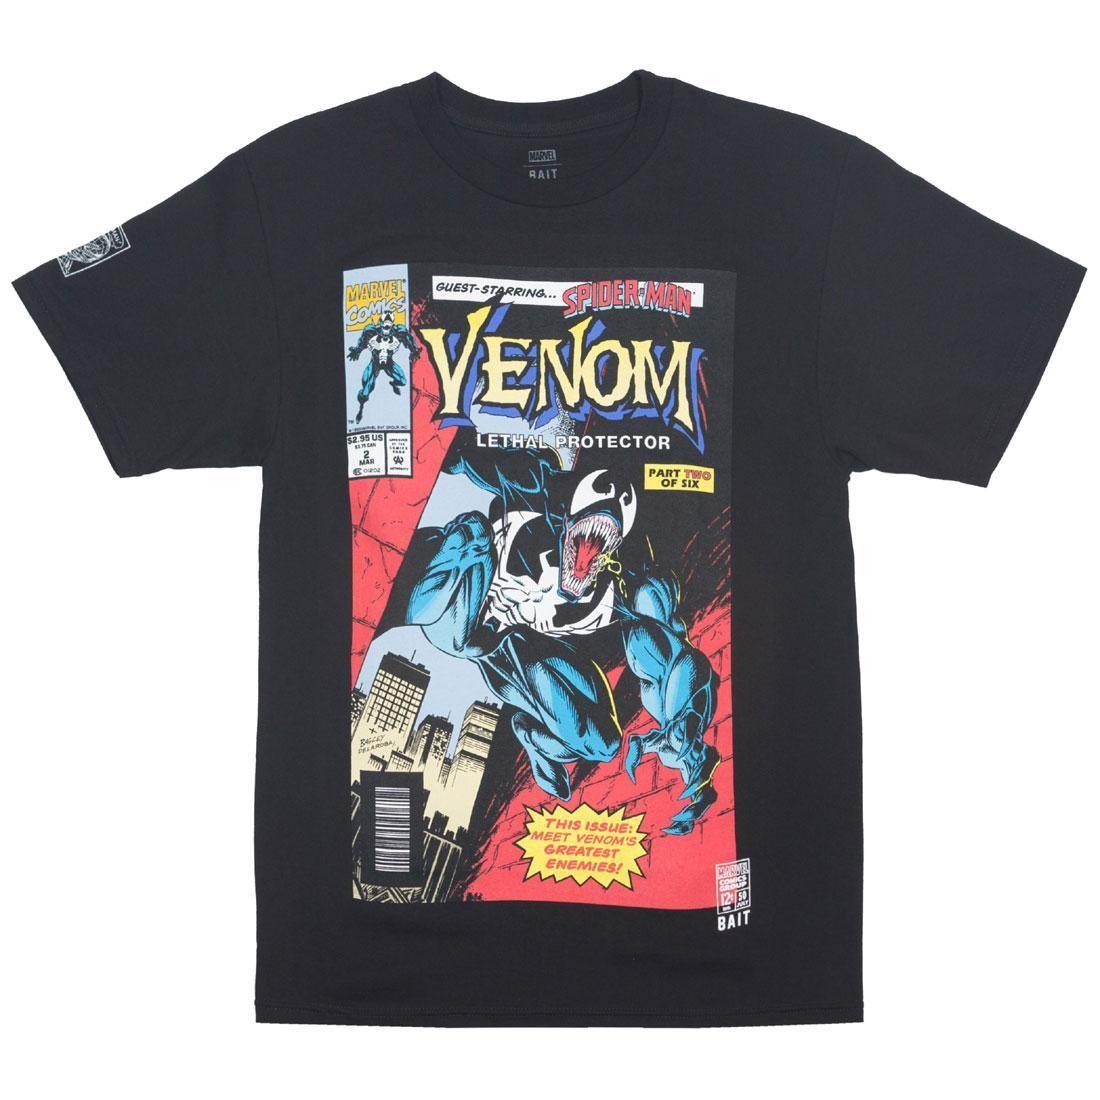 ベイト BAIT Tシャツ 黒 ブラック #2 【 BLACK BAIT X MARVEL MEN VENOM LETHAL PROTECTOR TEE 】 メンズファッション トップス Tシャツ カットソー